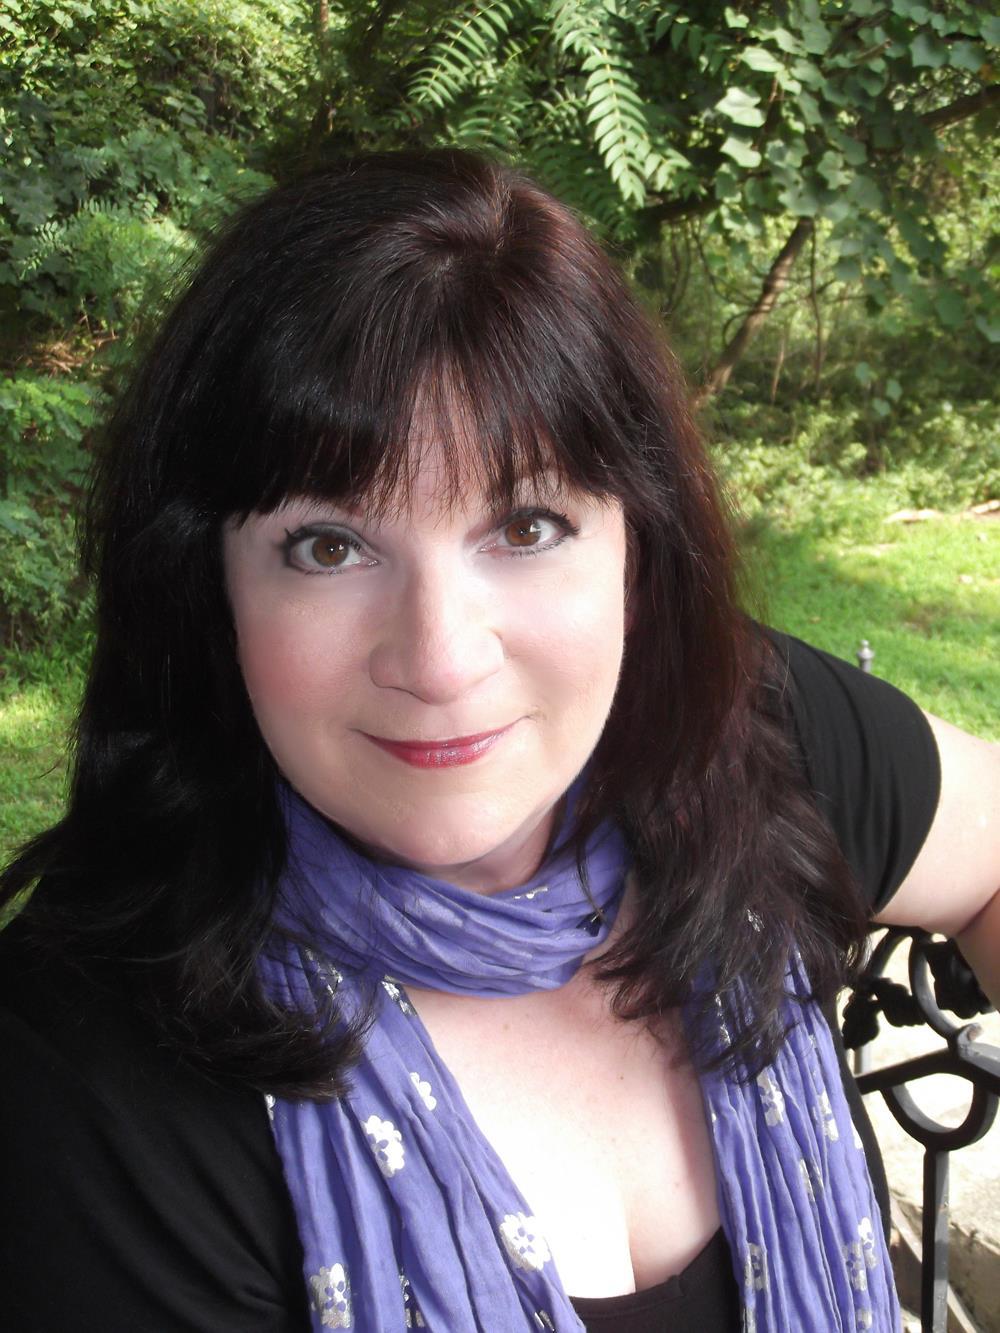 Robyn Ferracane